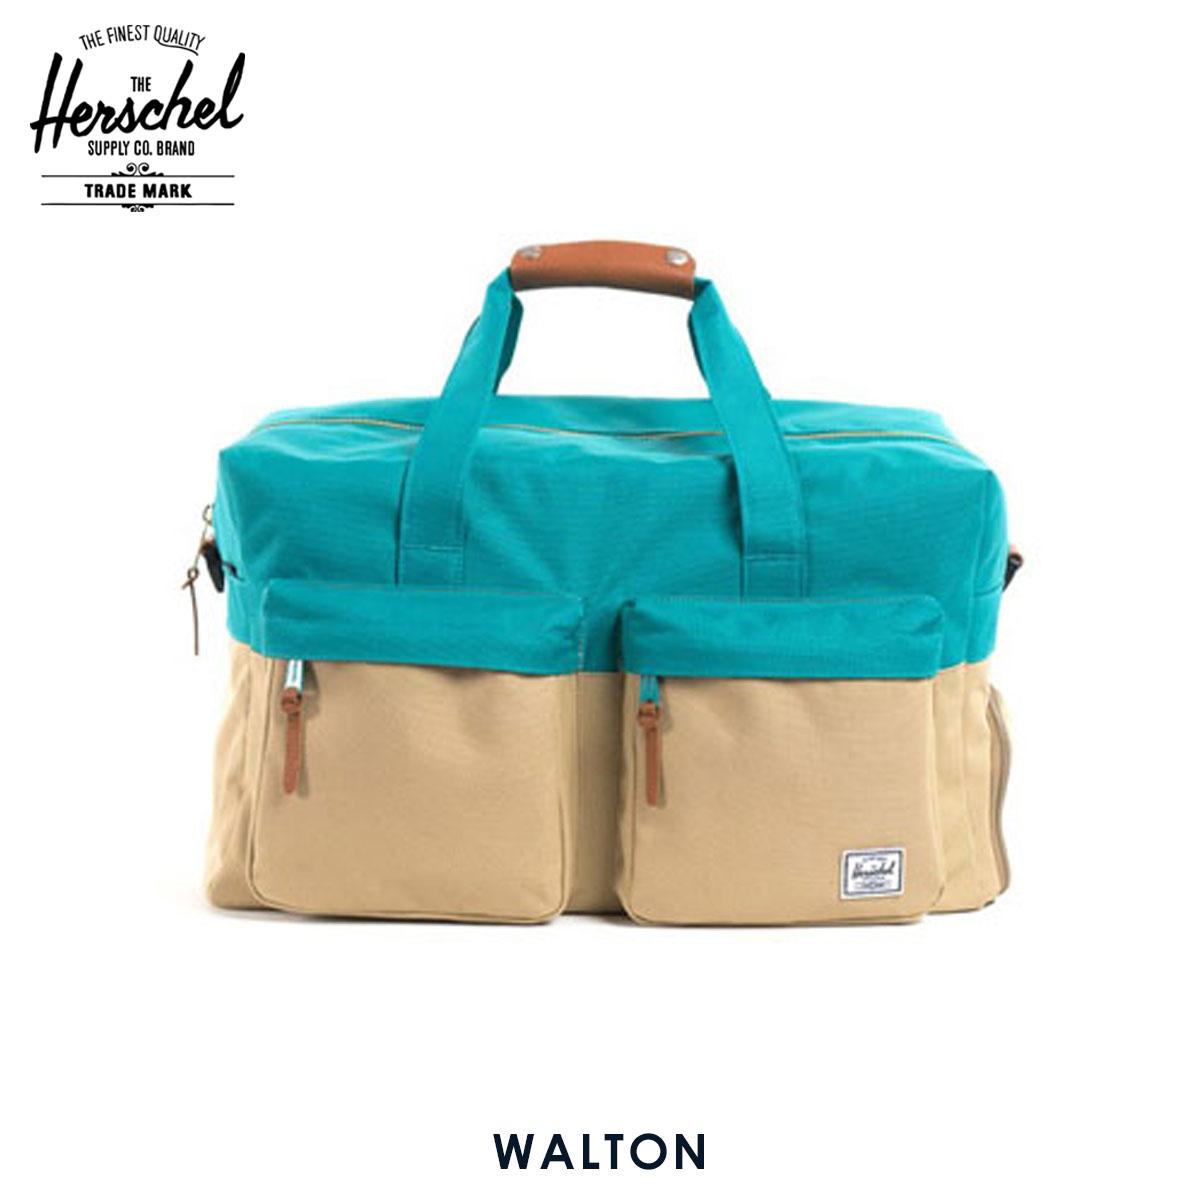 ハーシェル サプライ Herschel Supply 正規販売店 10027-00016-OS Walton Khaki/Teal ハンドバッグ D15S25